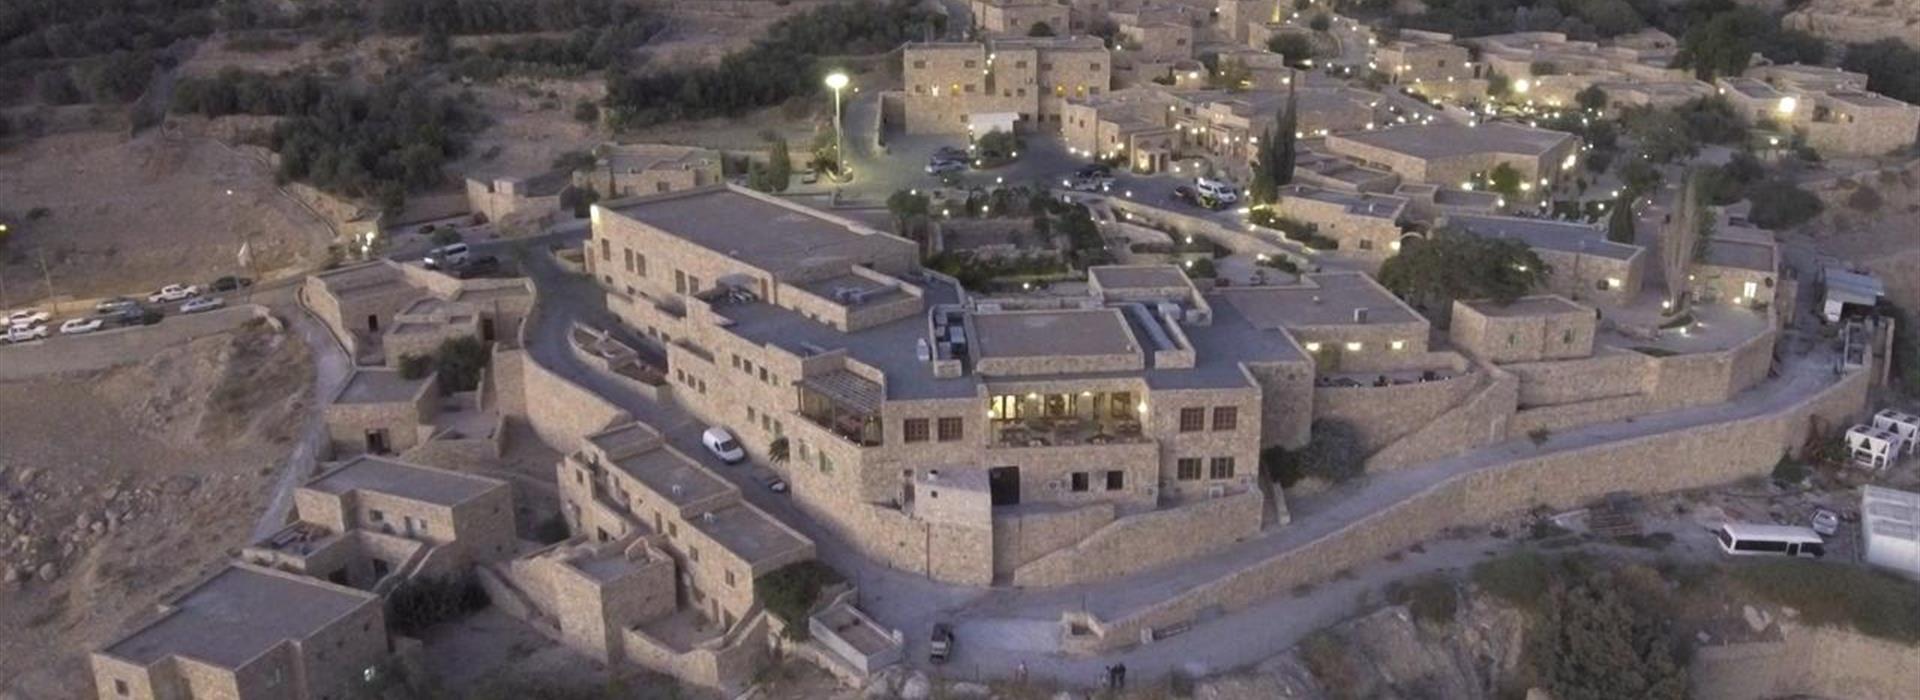 Old Village Resort Wadi Musa